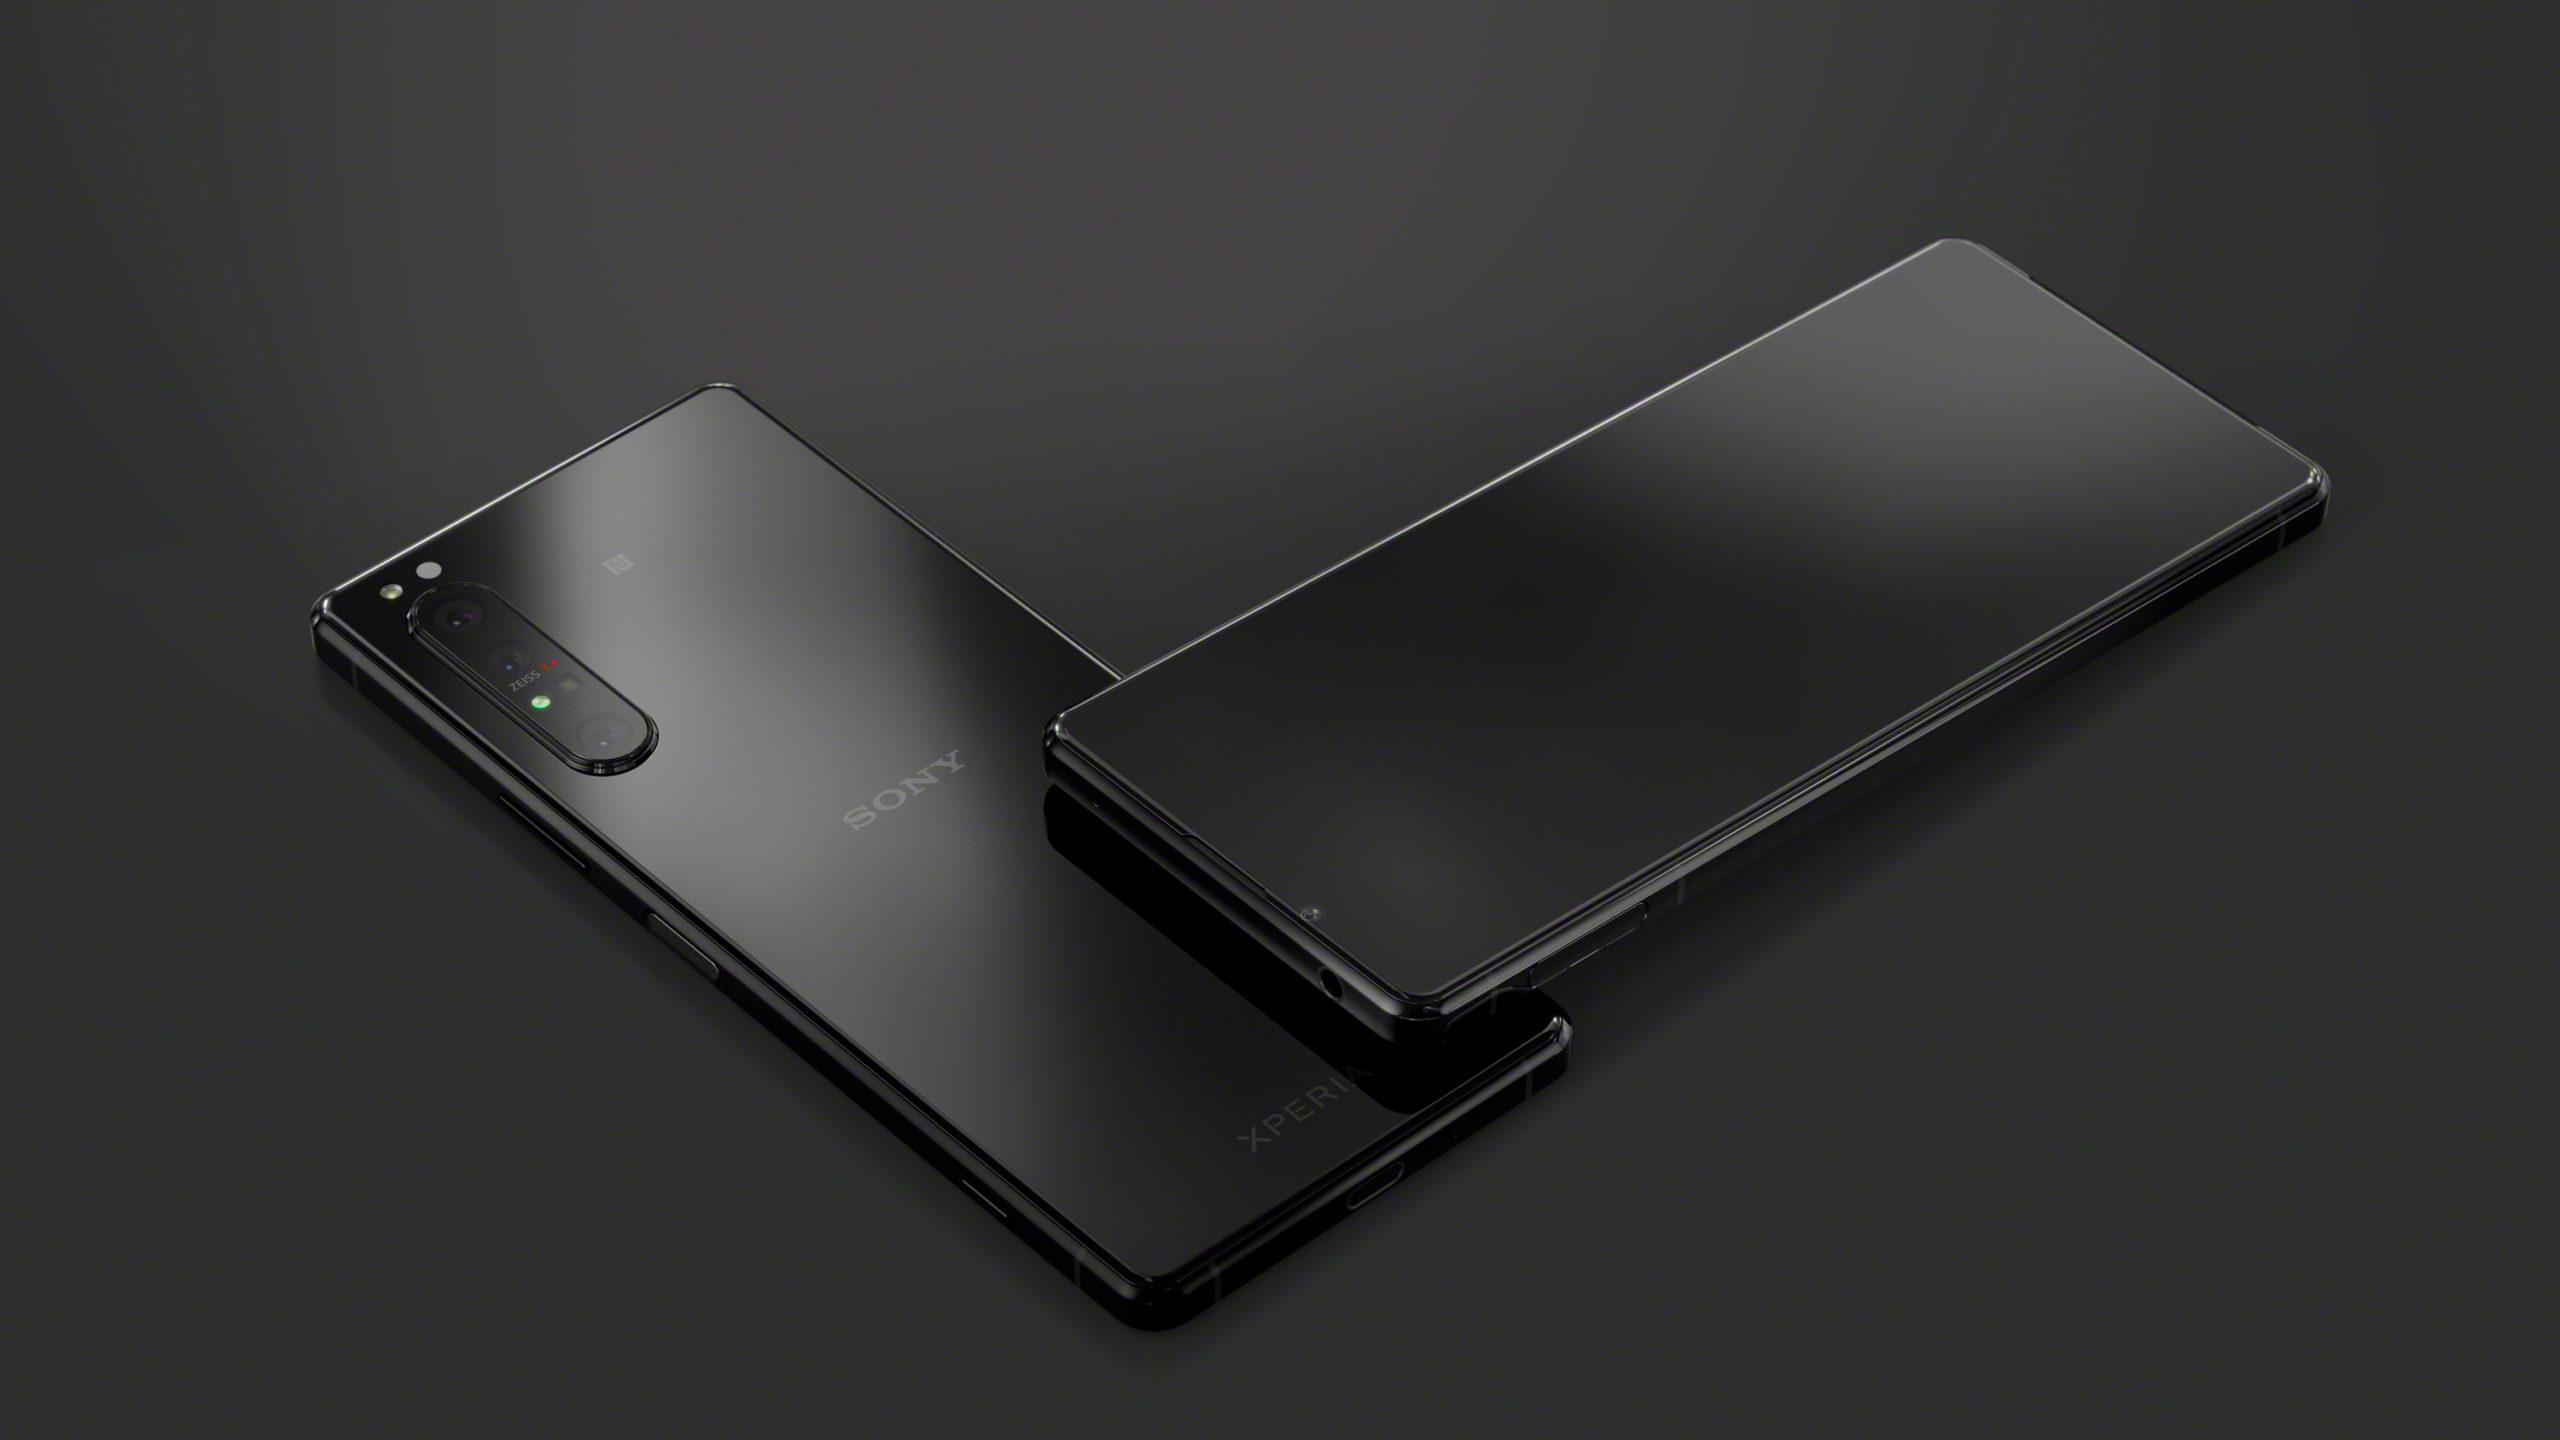 Usi±d¼ wygodnie, we¼ co¶ na uspokojenie i dowiedz siê, ile bêdzie kosztowa³a Sony Xperia 1 Pro